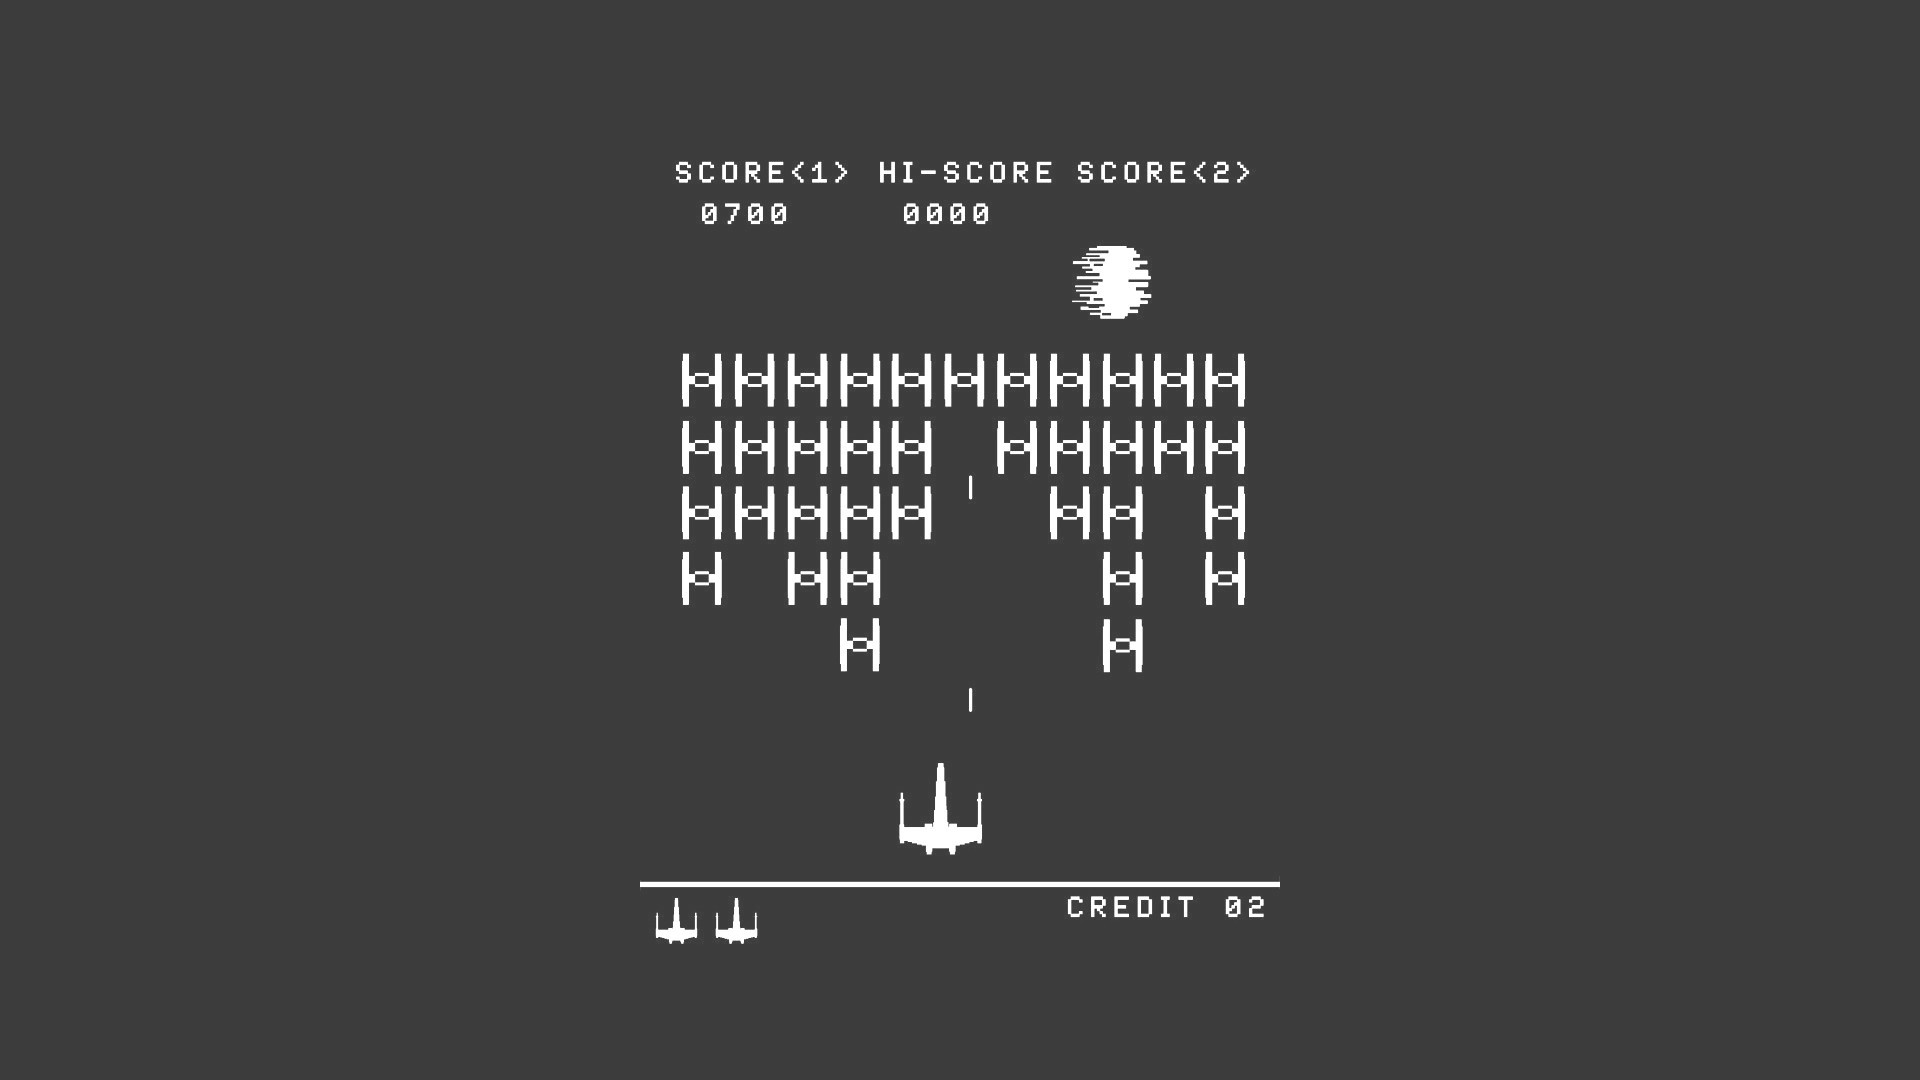 Star Wars Game Minimalism 1366×768 Resolution